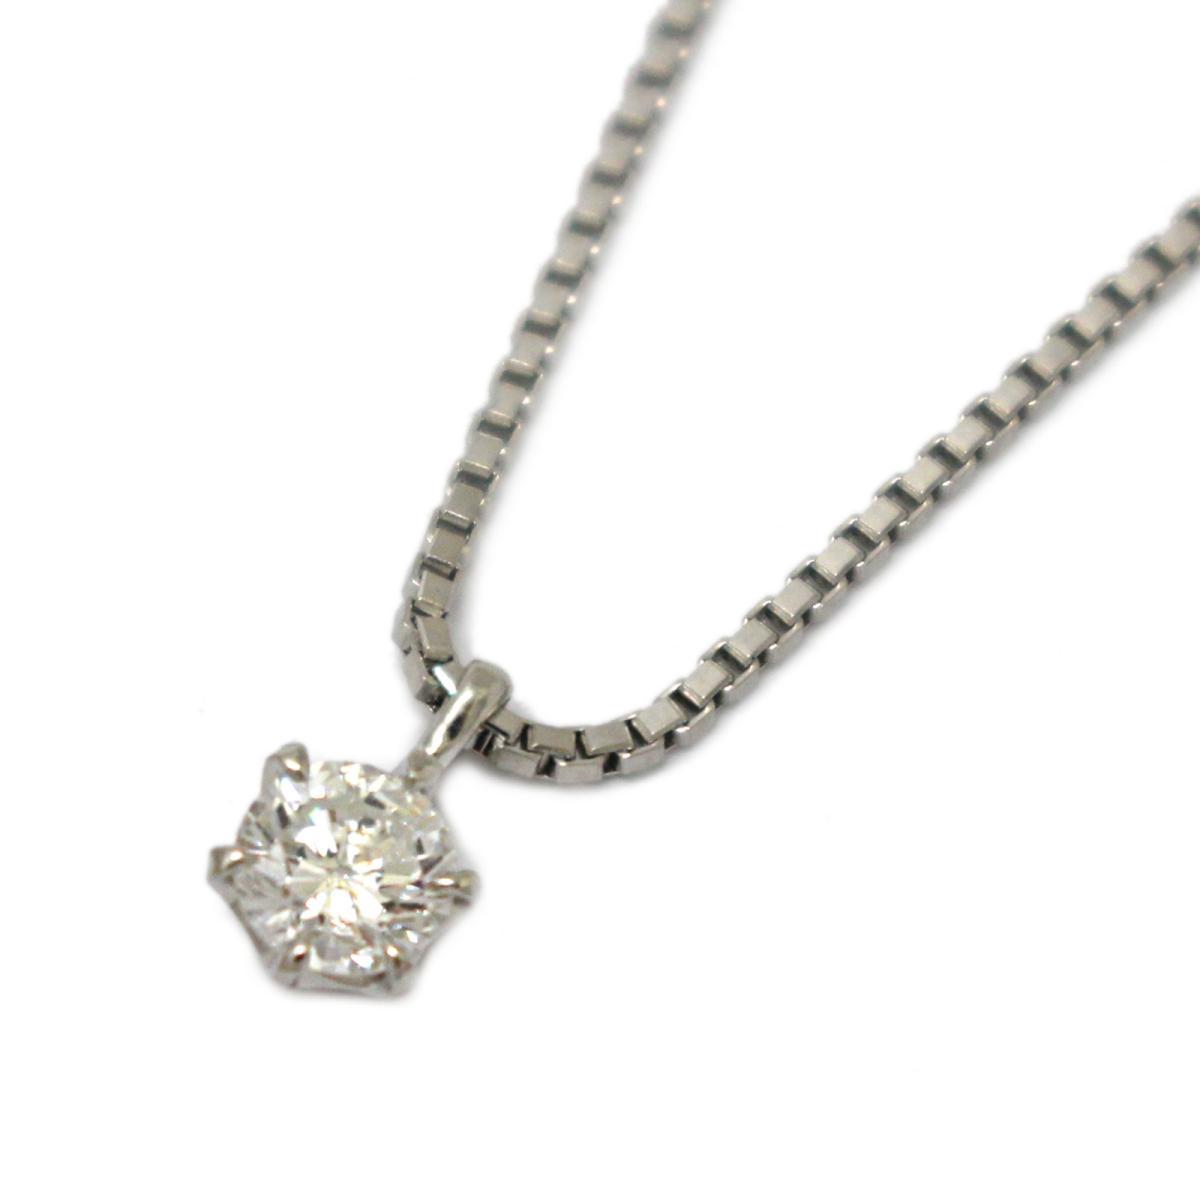 【中古】 ジュエリー ダイヤモンド ネックレス レディース PT850 プラチナ x (0.310ct) | JEWELRY BRANDOFF ブランドオフ ブランド アクセサリー ペンダント